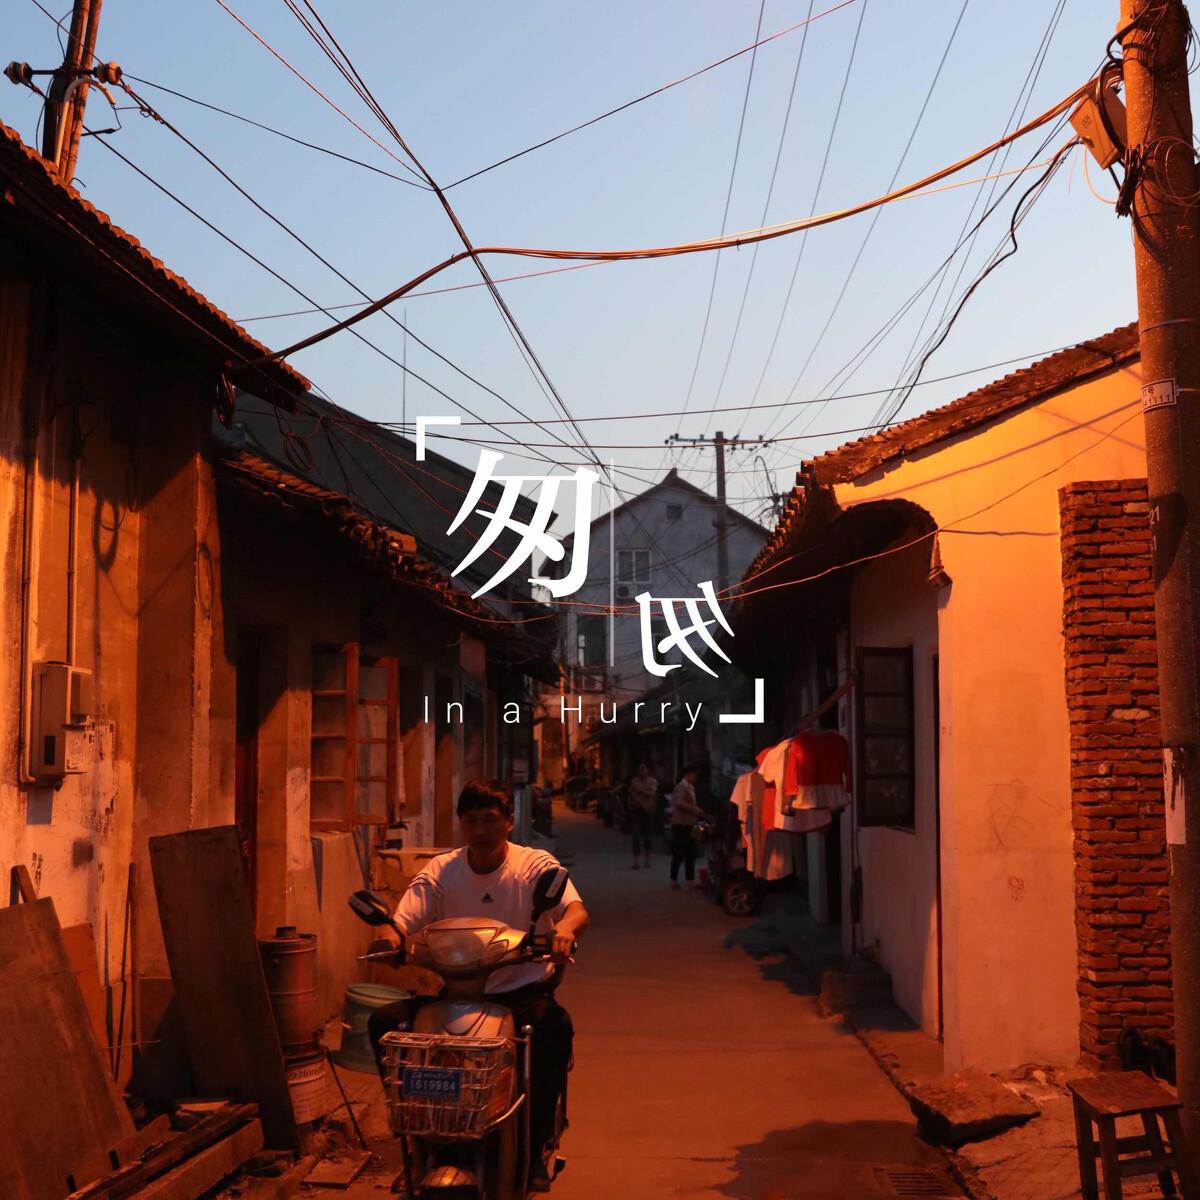 夜晚的娄塘,心酸的往返-v杀气王哲-图虫网-最杀气有美女古堡童话图片